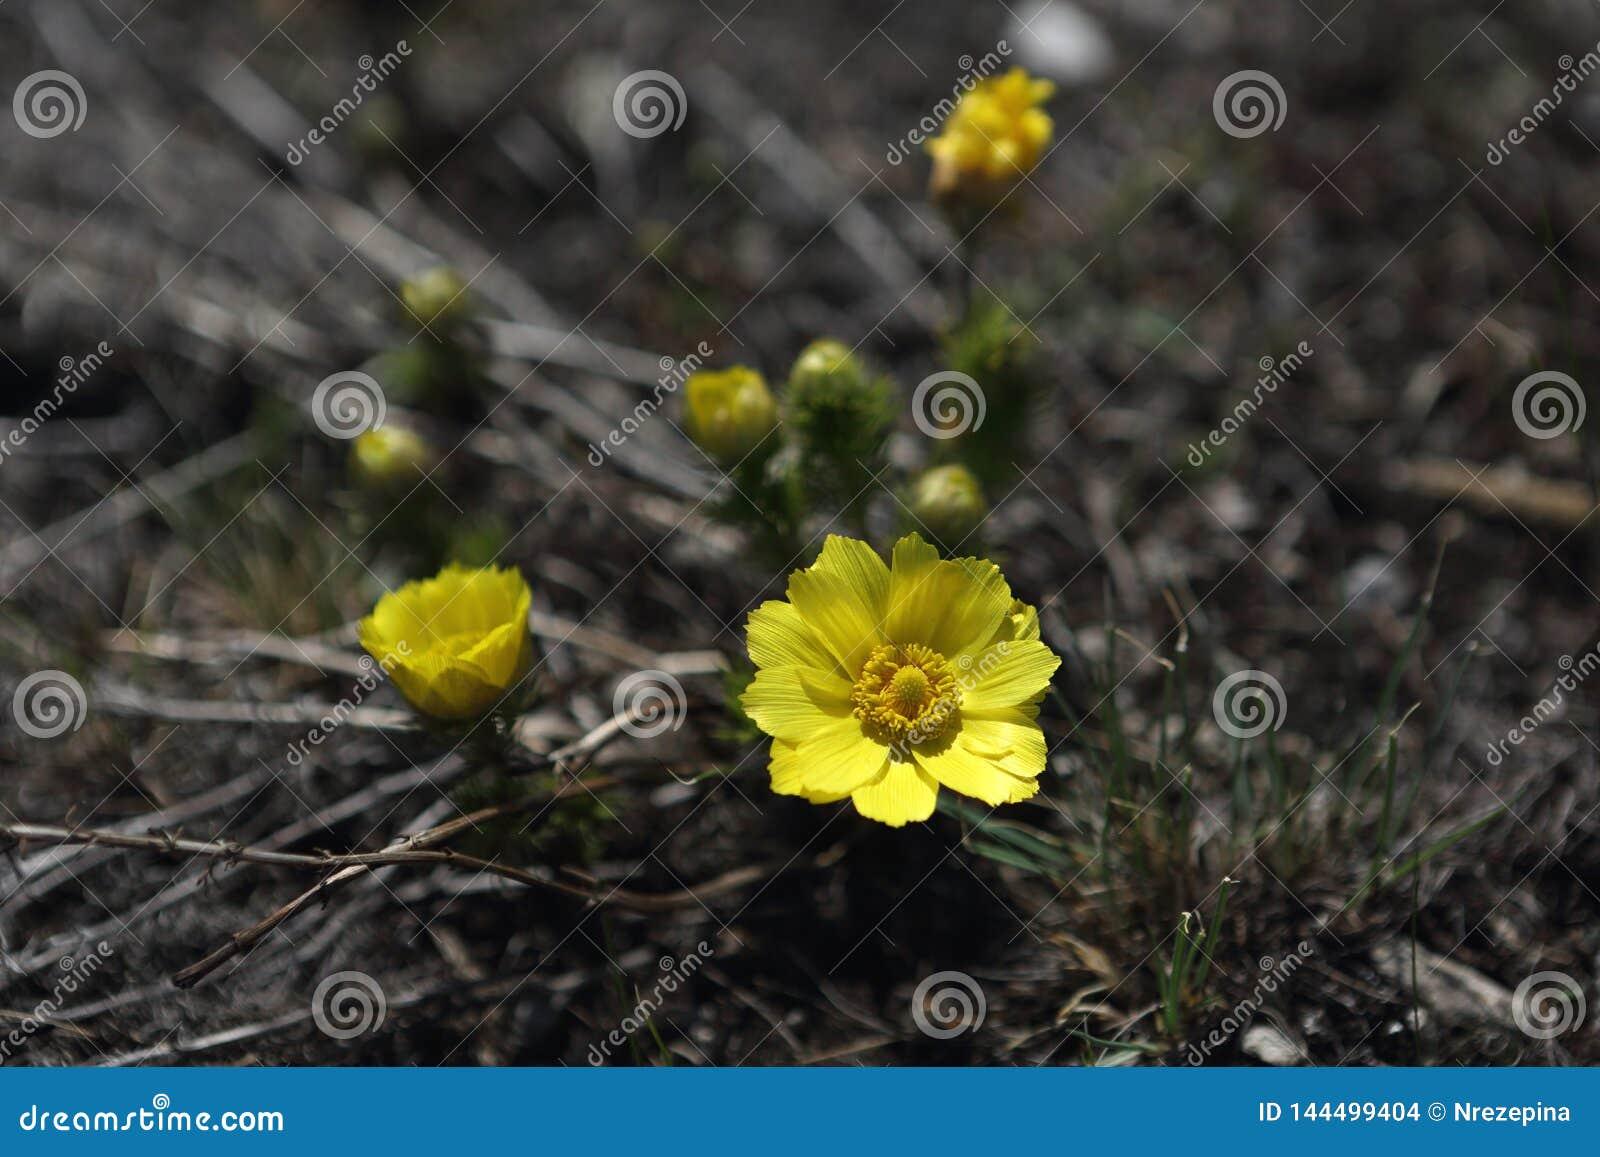 De eerste bloemen van de gebiedslente